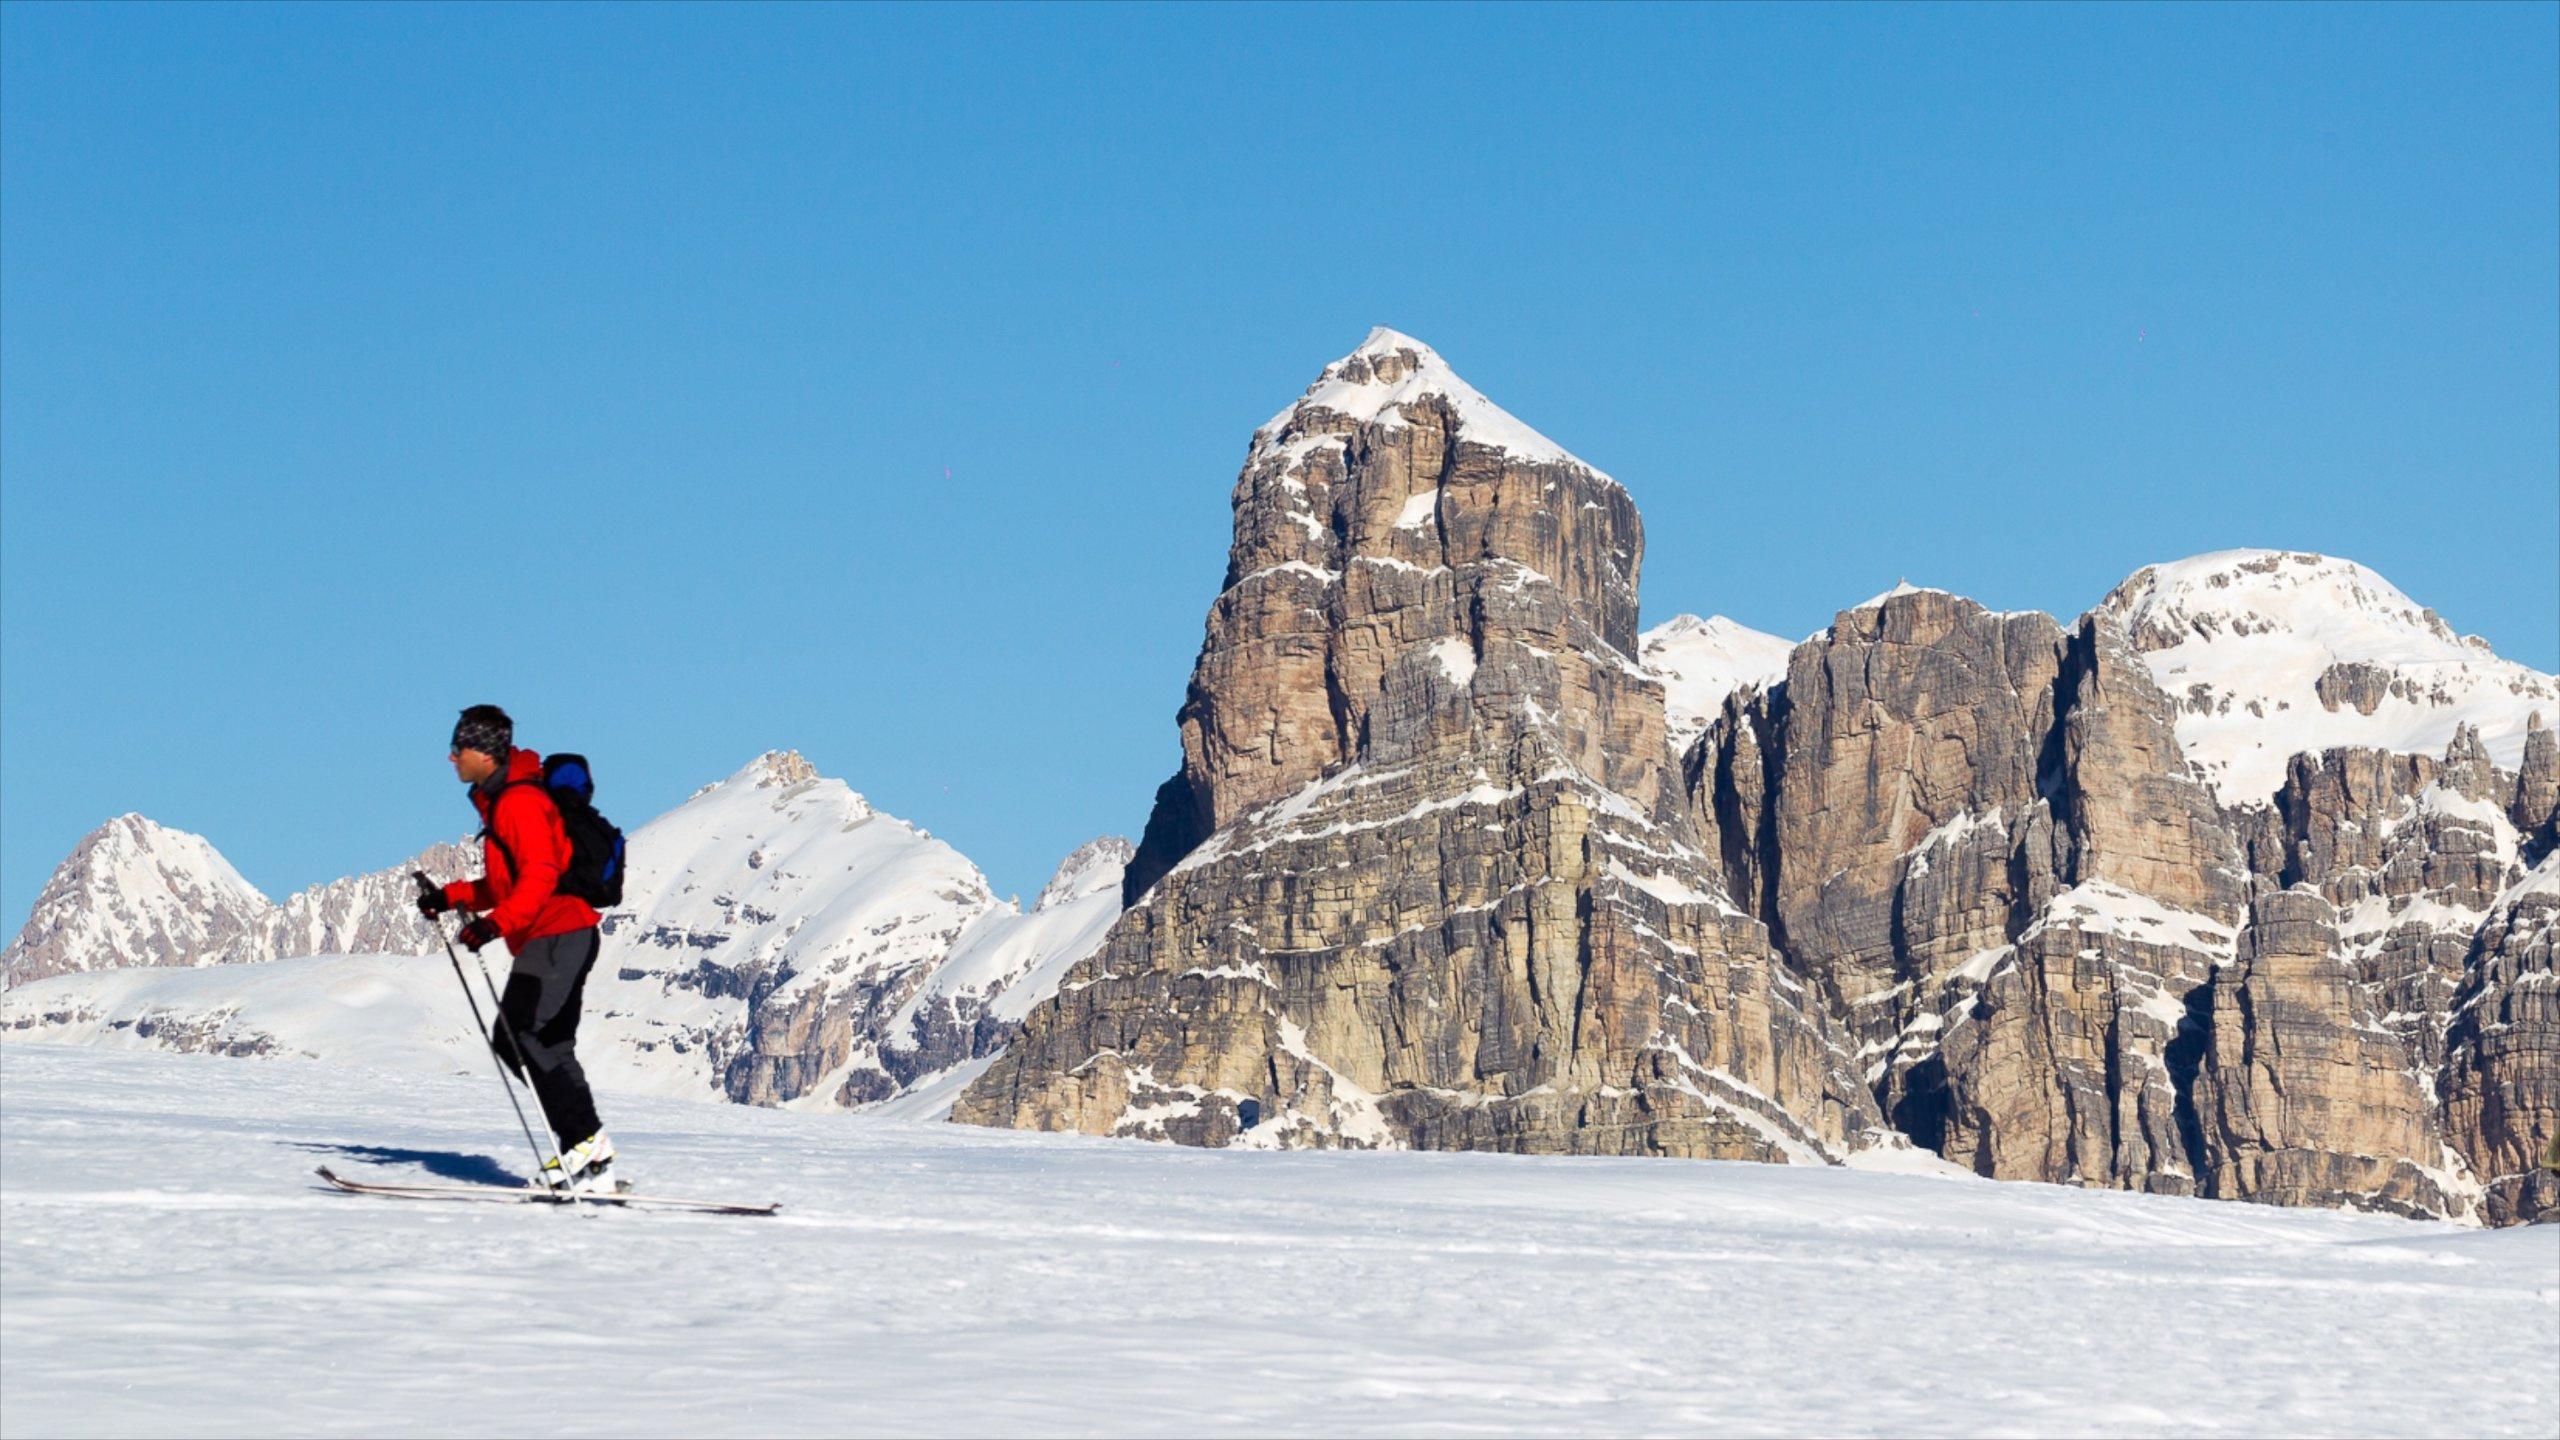 Alta Badia, Trentino-Alto Adige, Italy